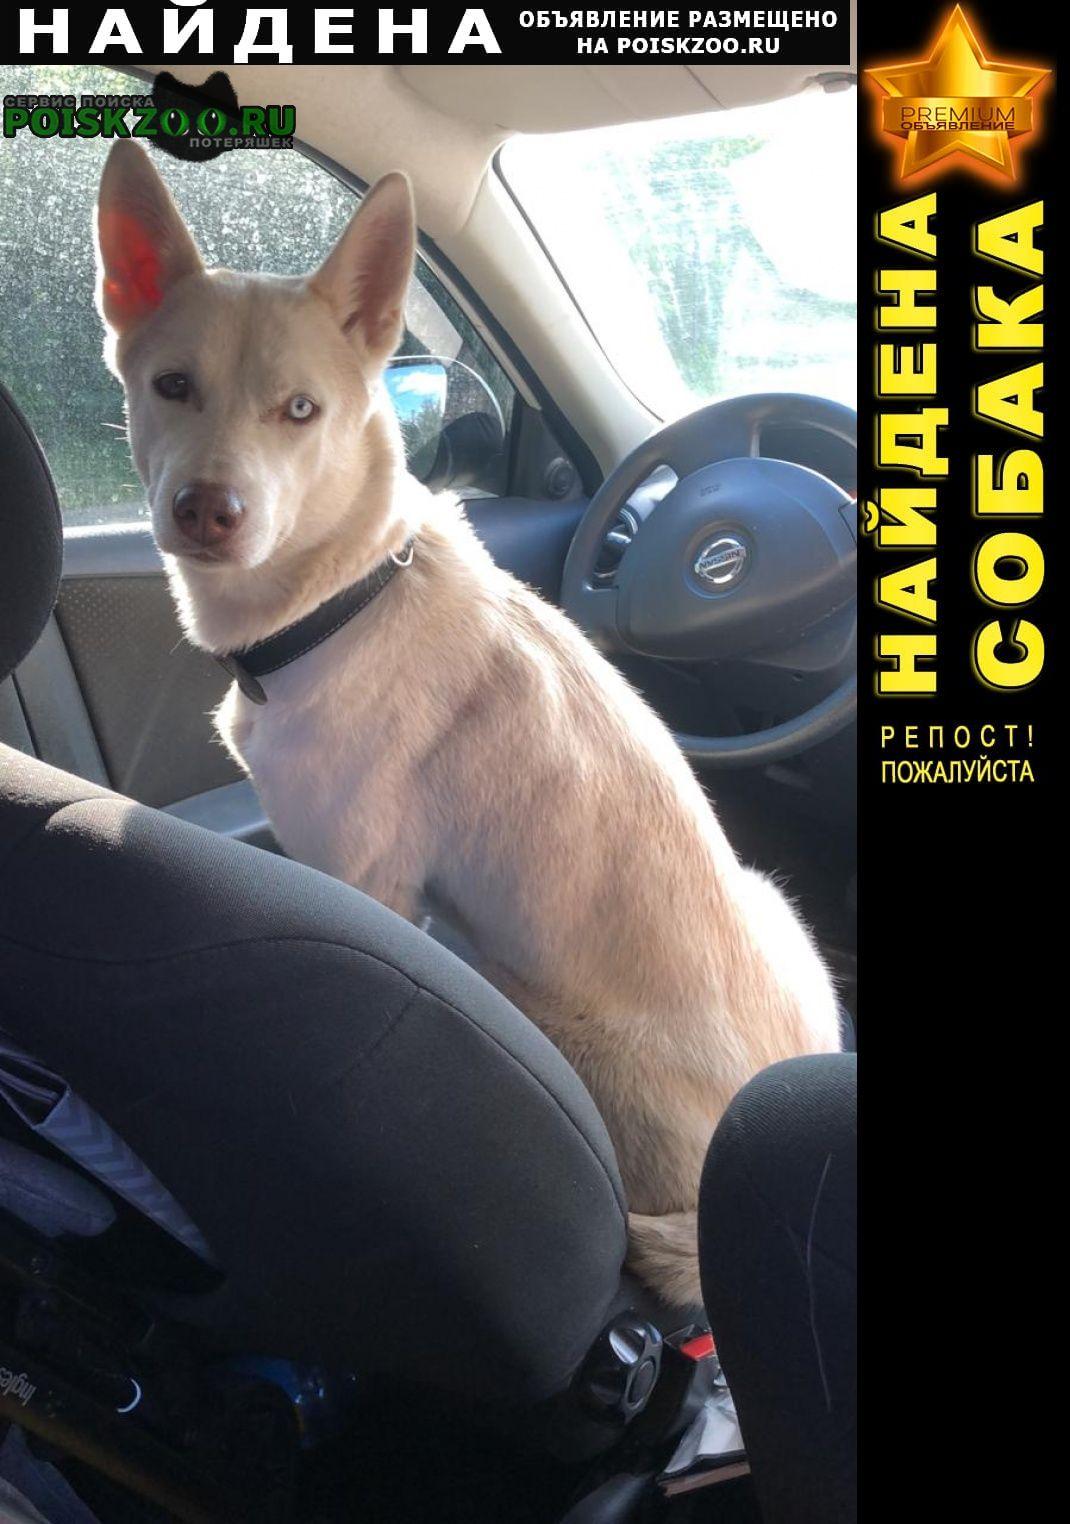 Найдена собака белая лайка, сука г.Егорьевск